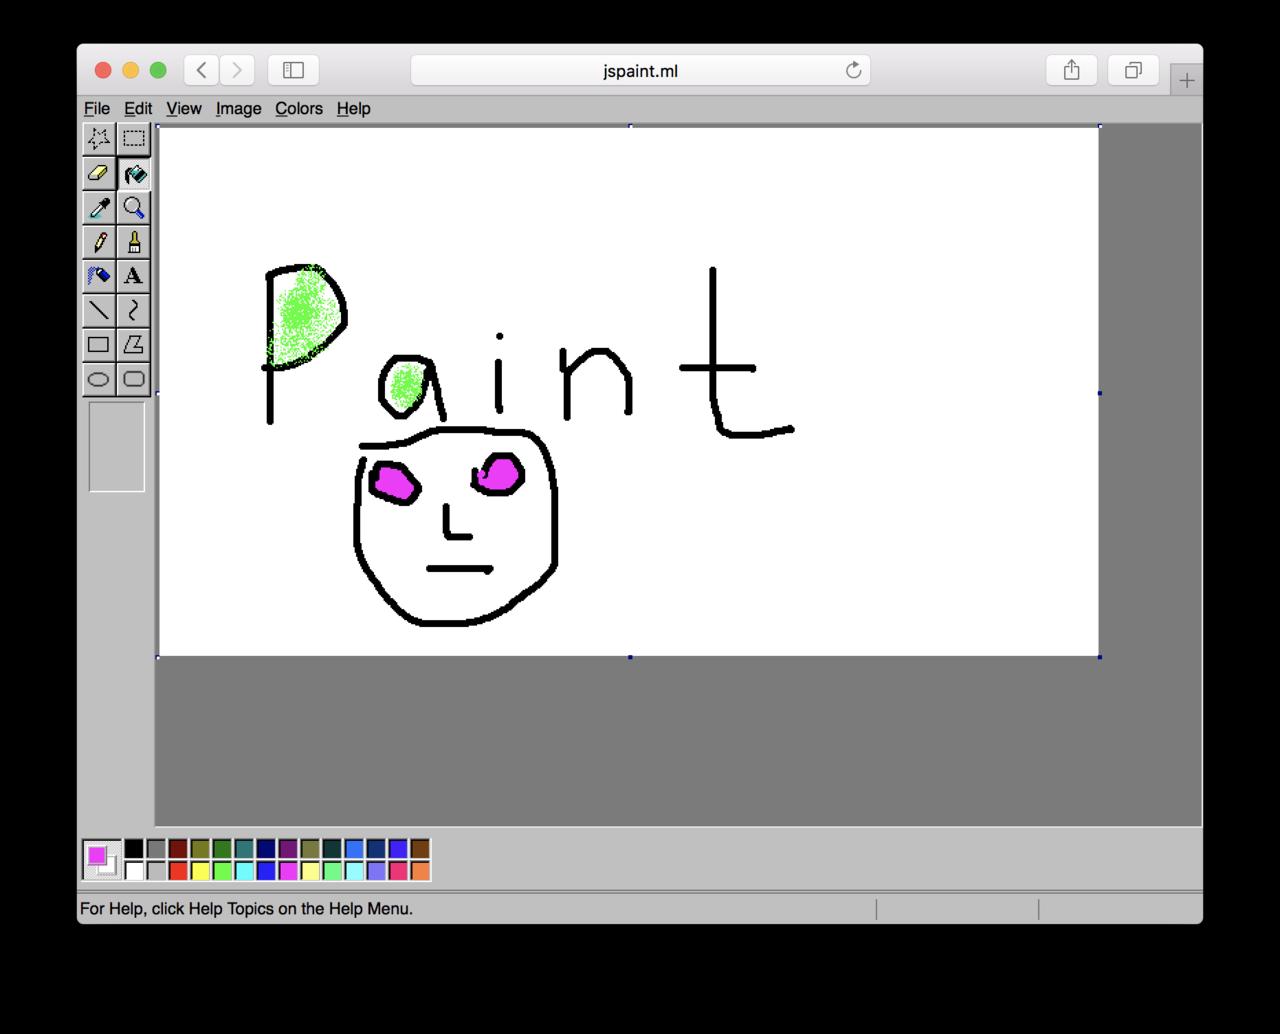 Веб-разработчик создал браузерную версию традиционного MSPaint